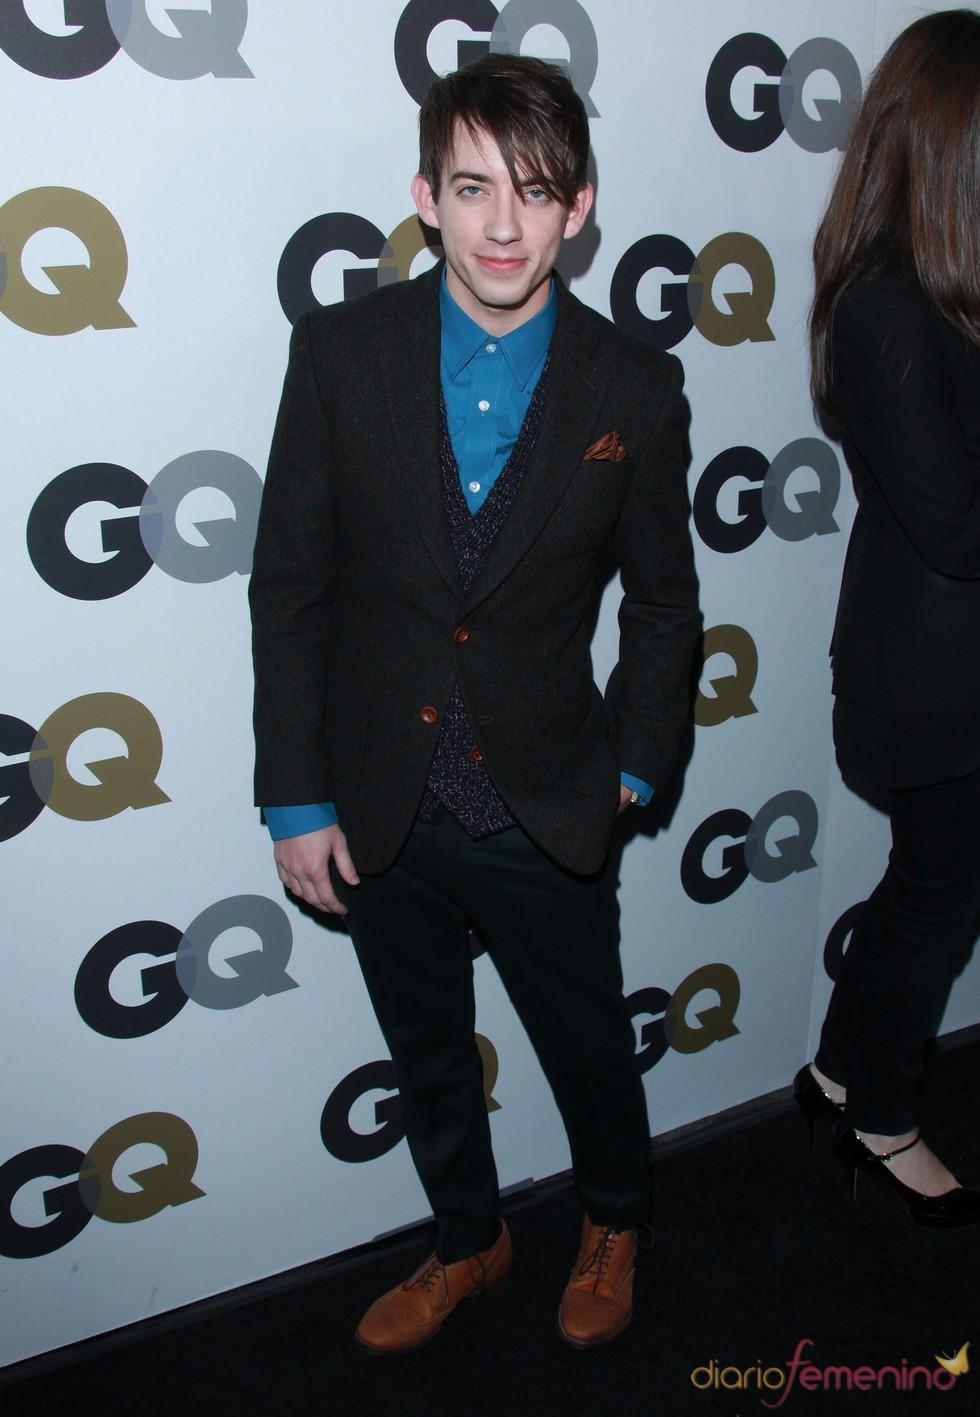 Kevin McHale en la Fiesta GQ 2010